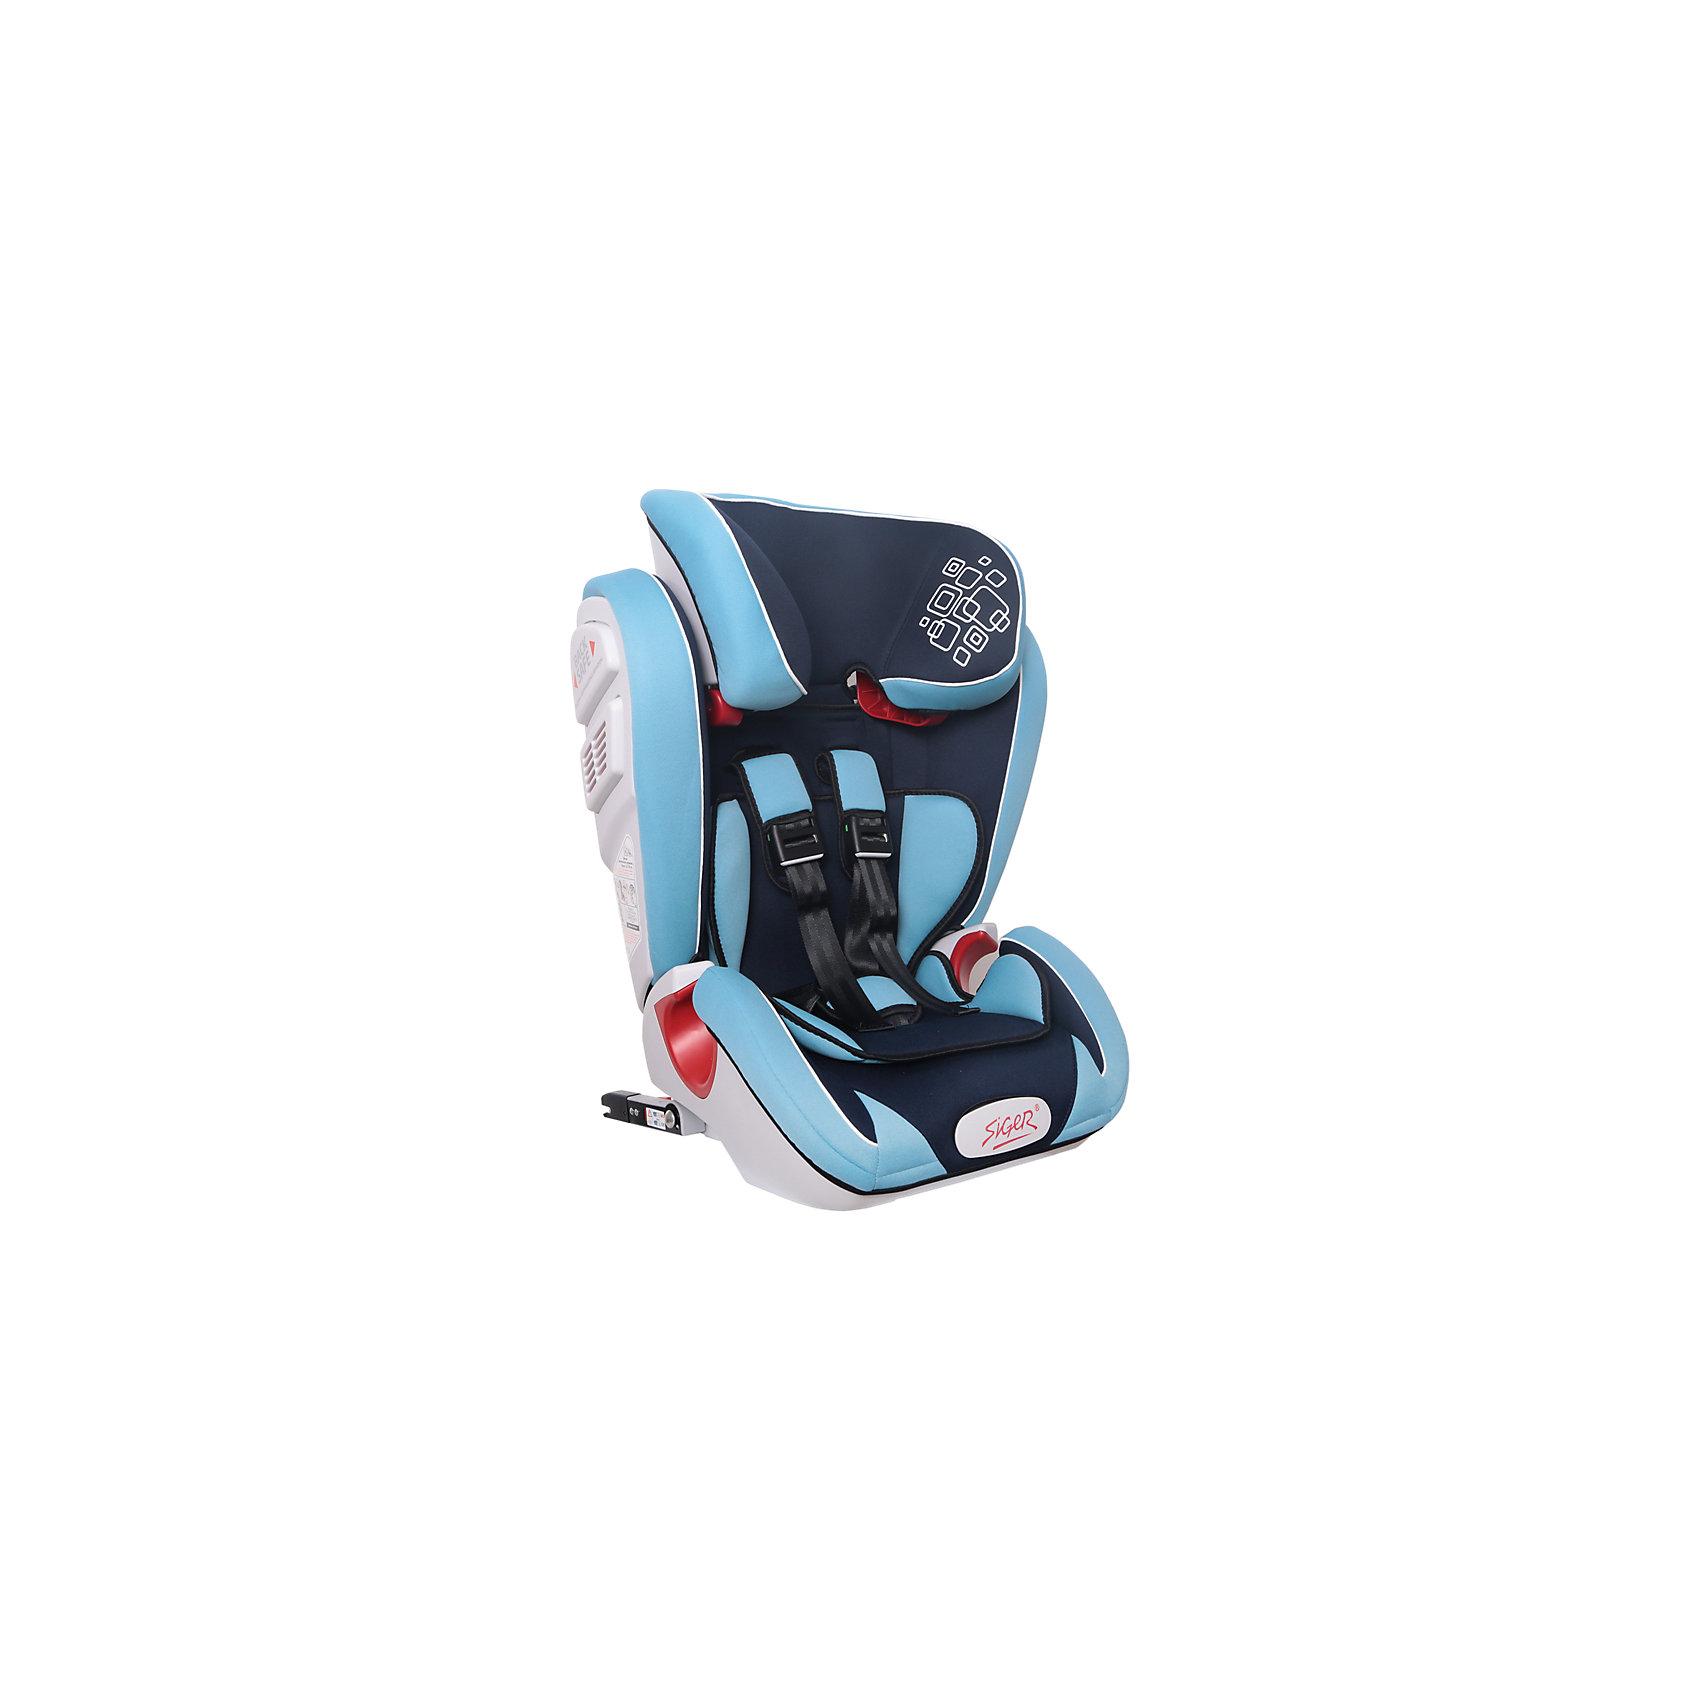 Автокресло Siger Индиго Isofix 9-36 кг, синий